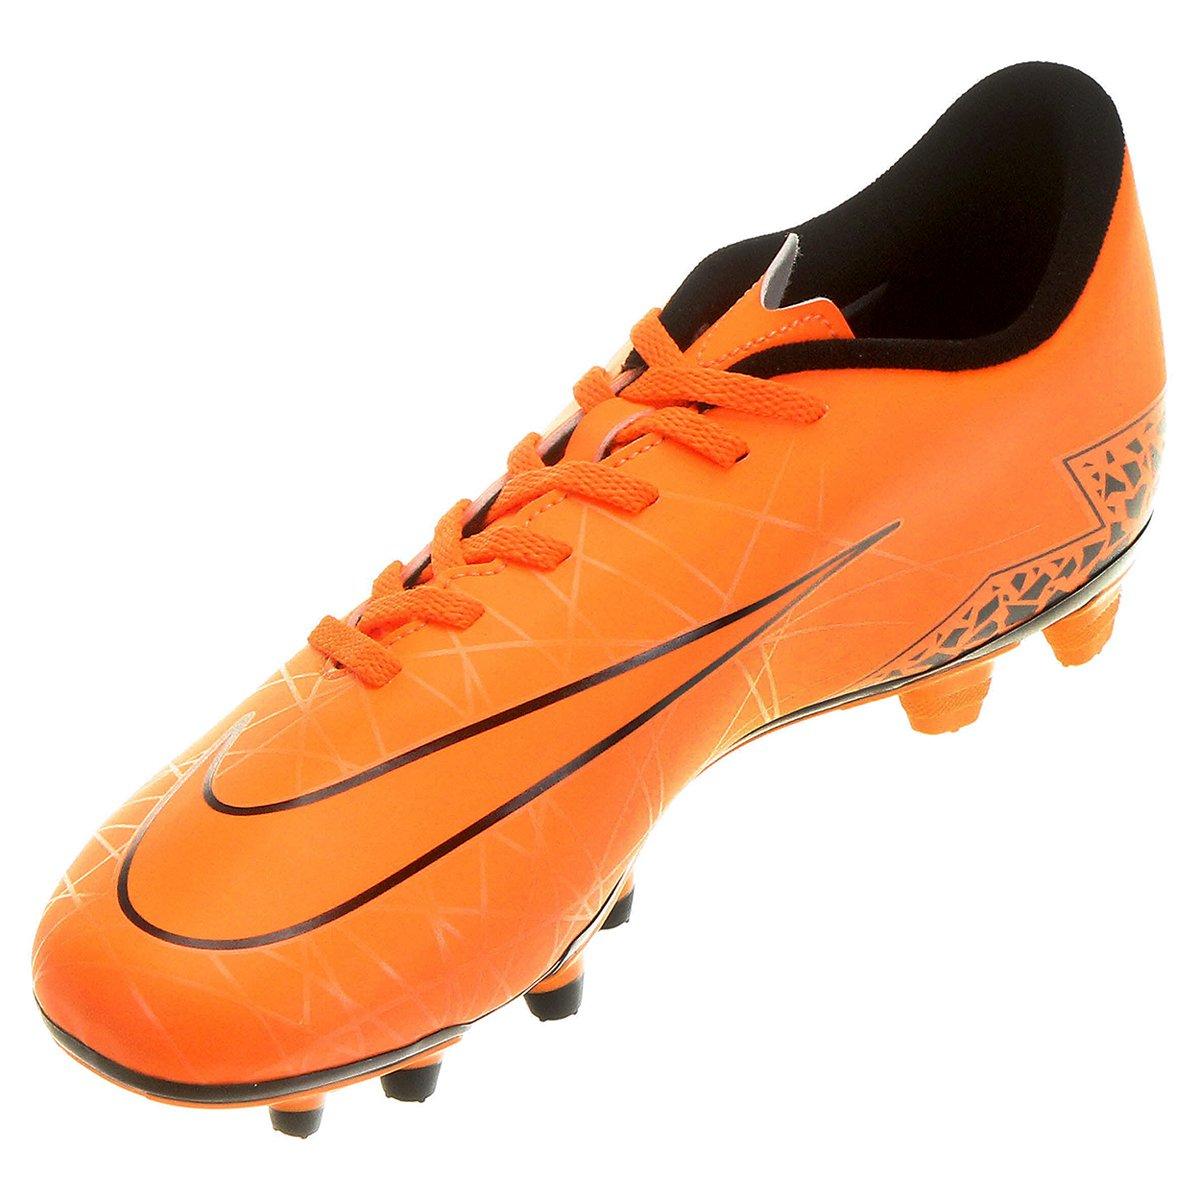 Chuteira Nike Hypervenom Phade 2 FG Campo - Compre Agora  ca71bb6428db3